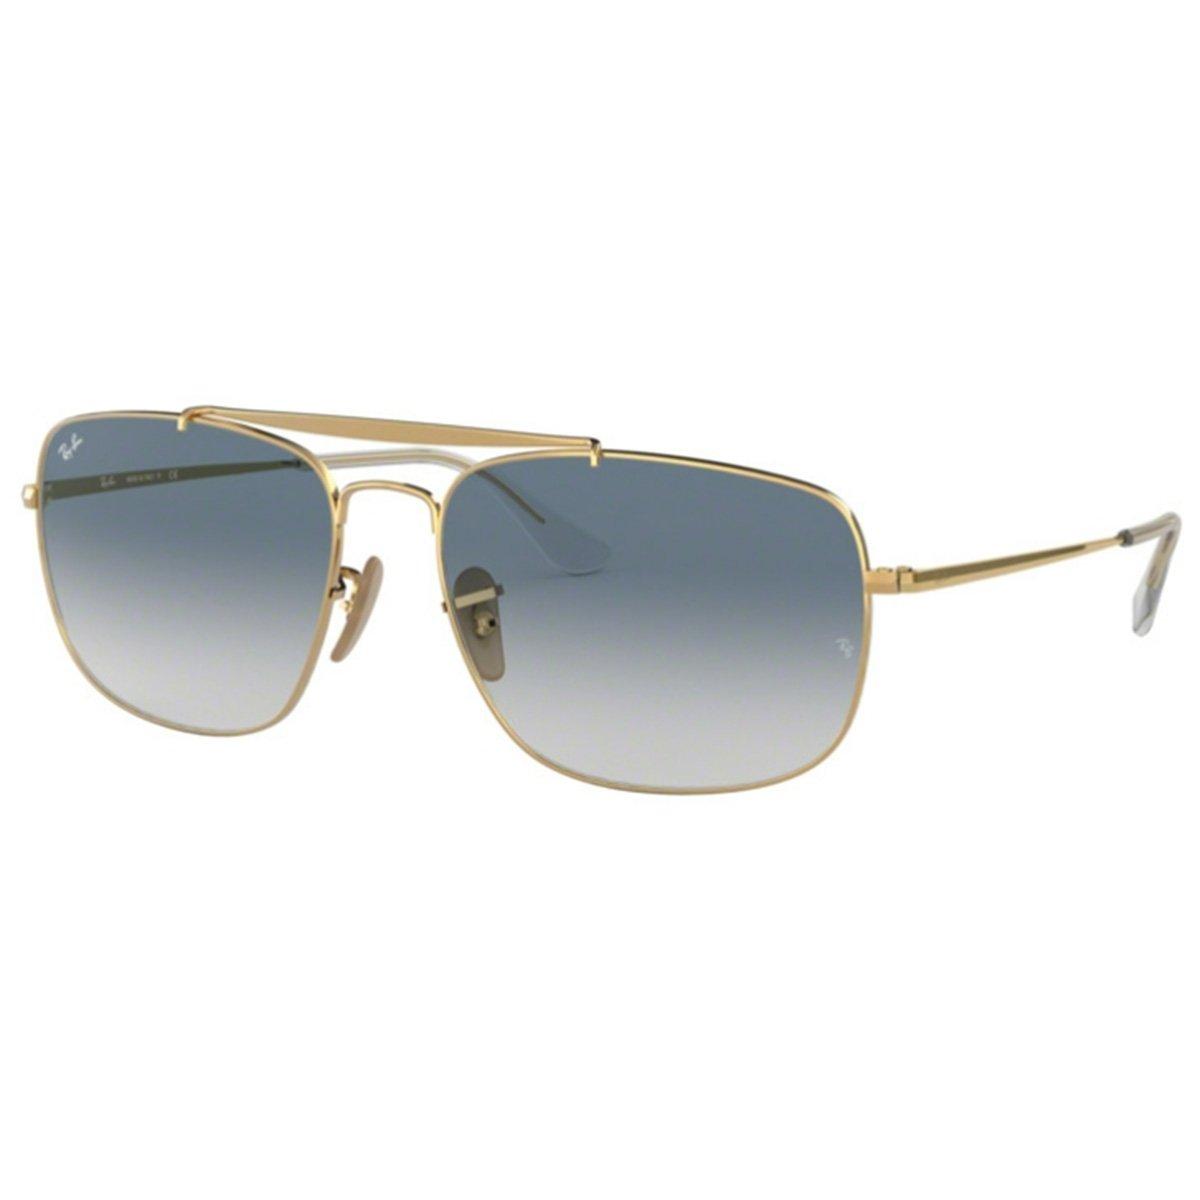 Compre Óculos de Sol Ray Ban The Colonel em 10X   Tri-Jóia Shop 006d1c805c